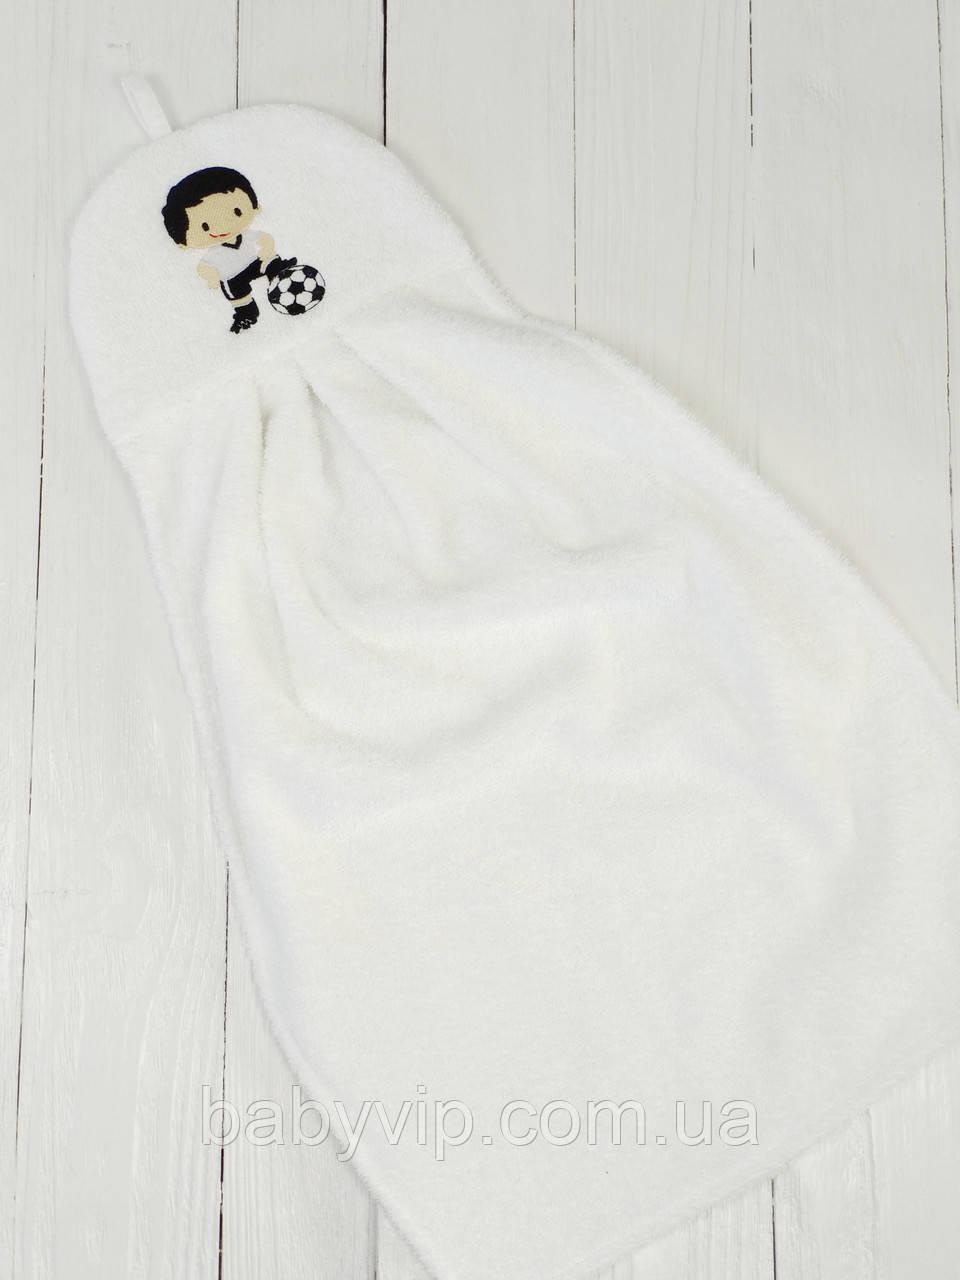 Детское полотенце для рук футболист